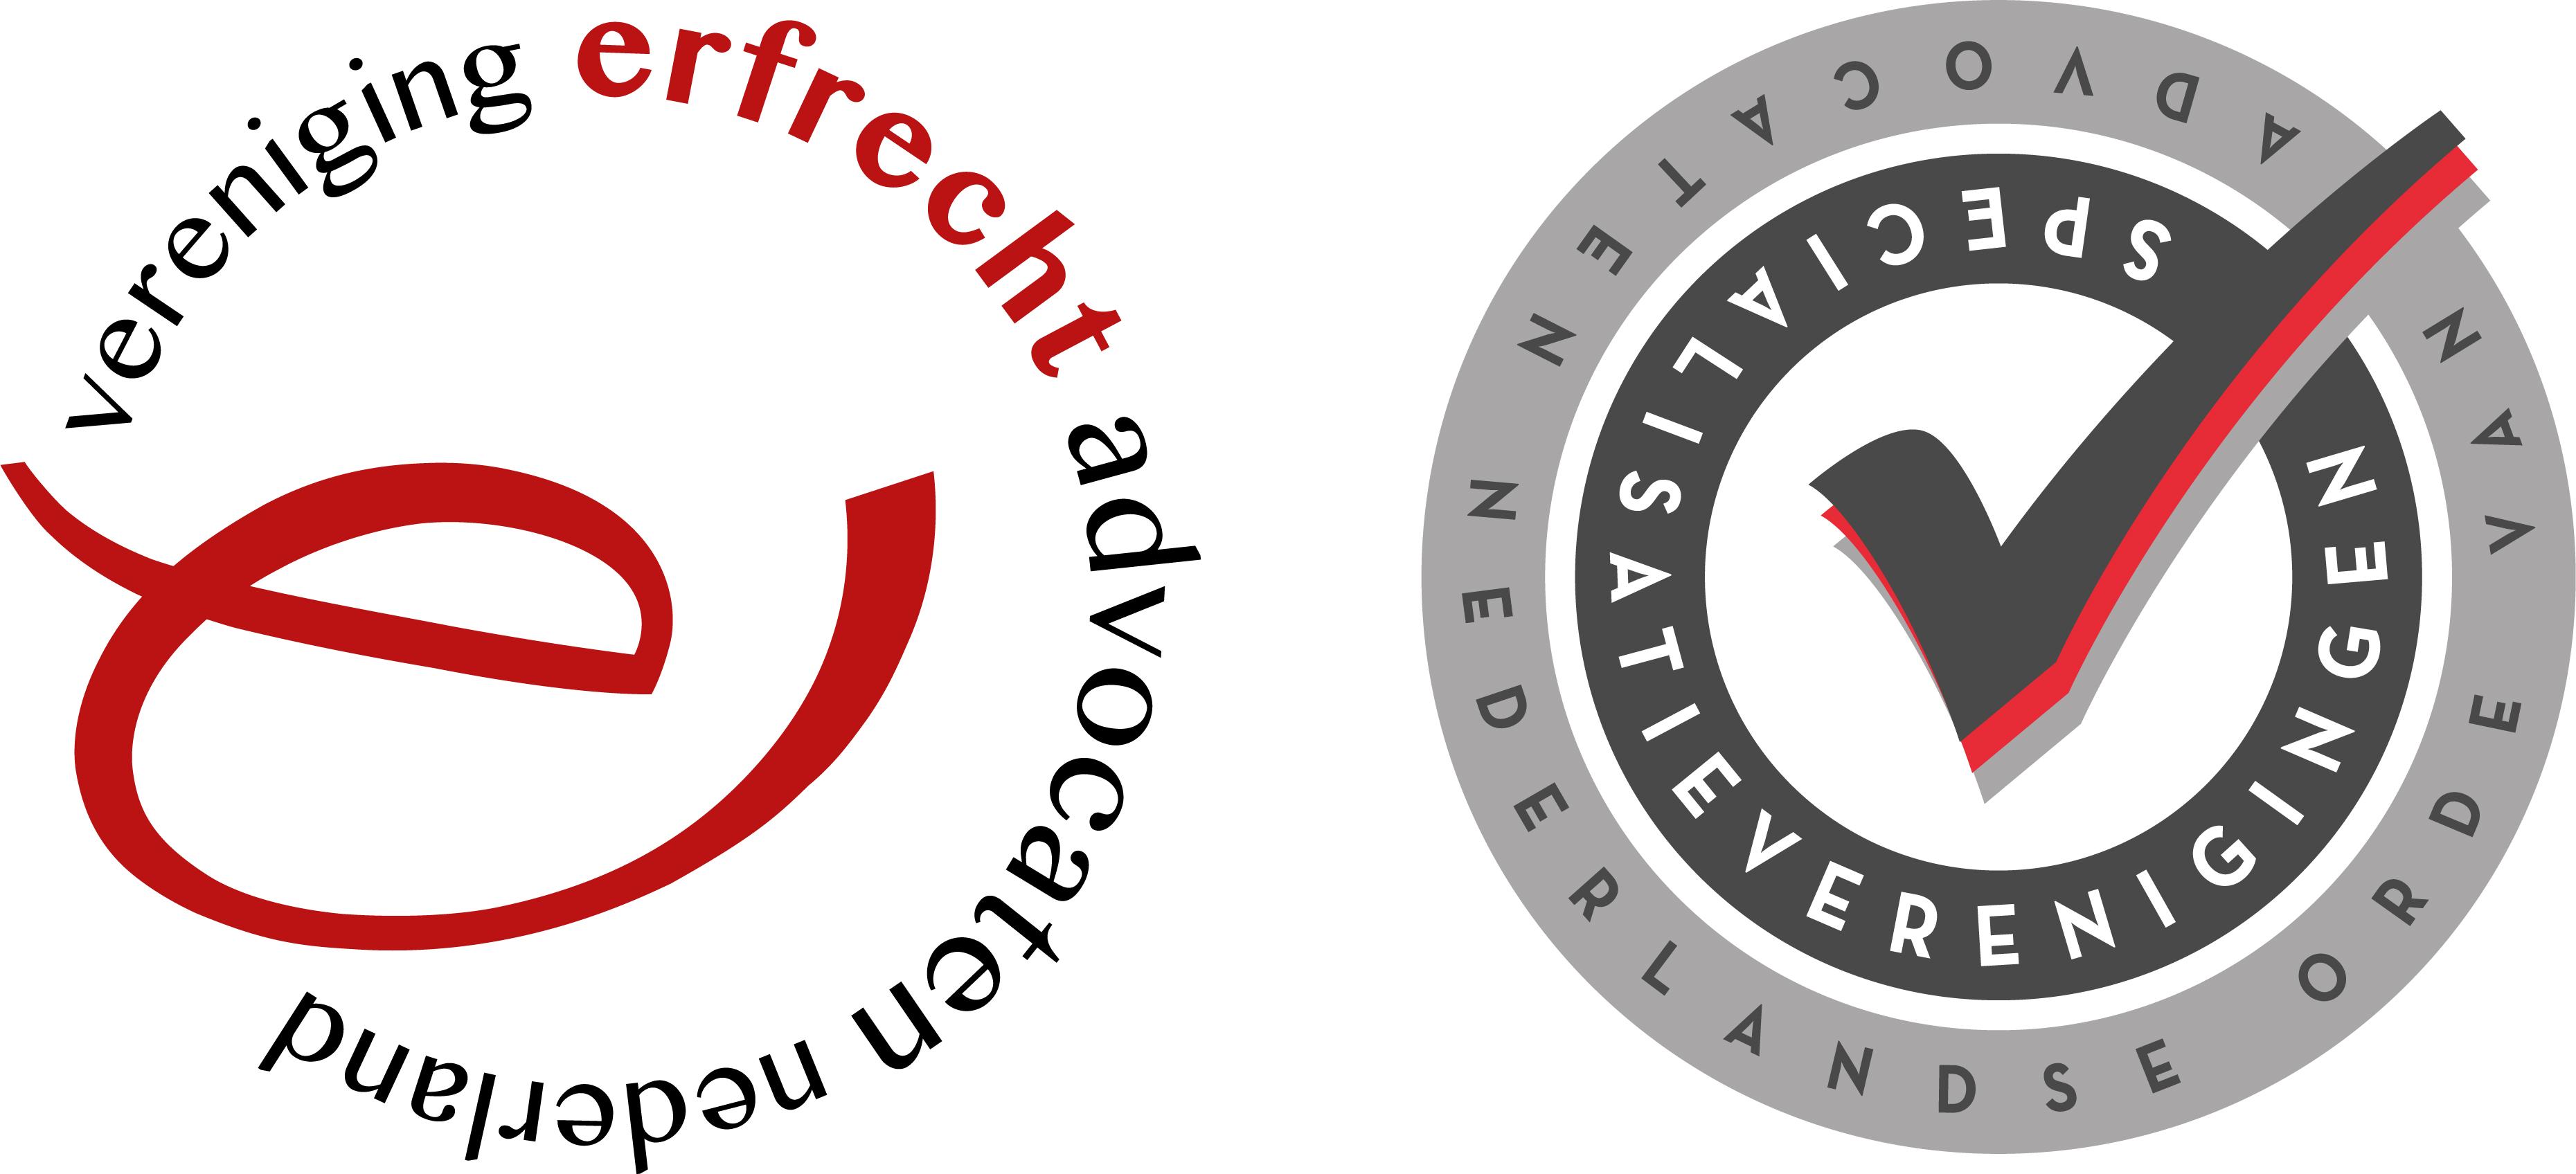 Vean-Keurmerk_logos